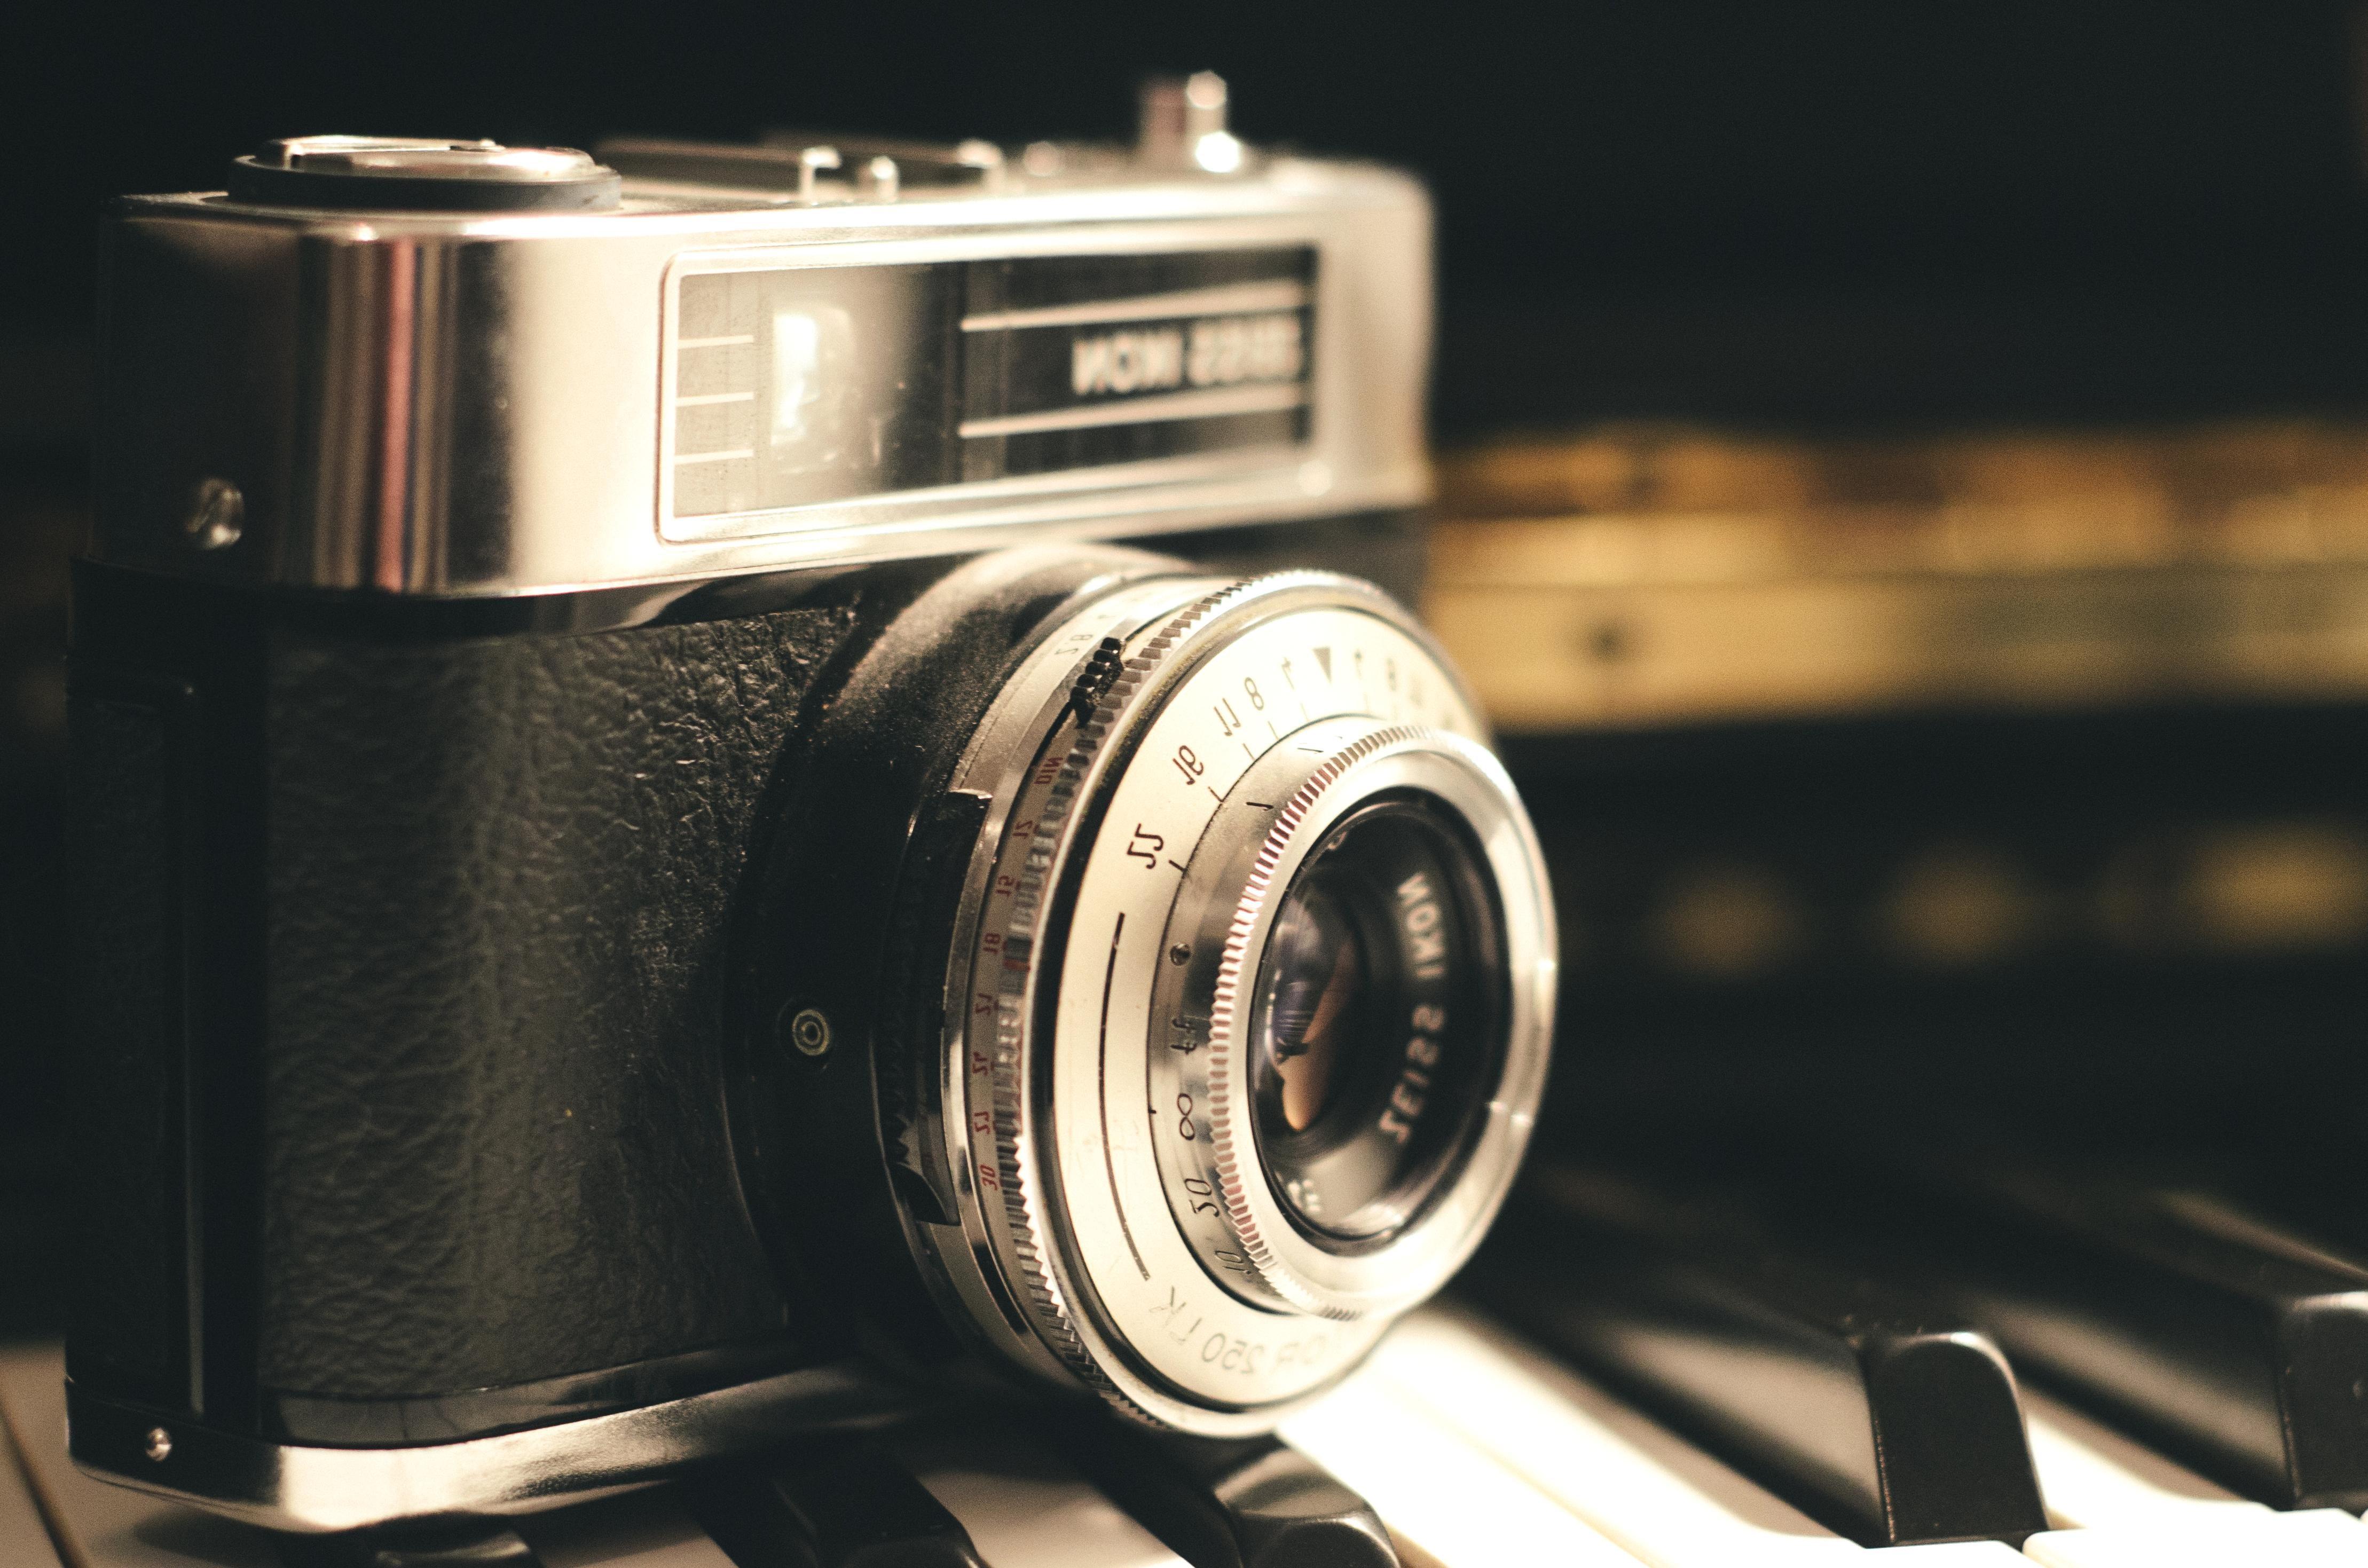 Новым годом, ретро картинки с фотоаппаратом